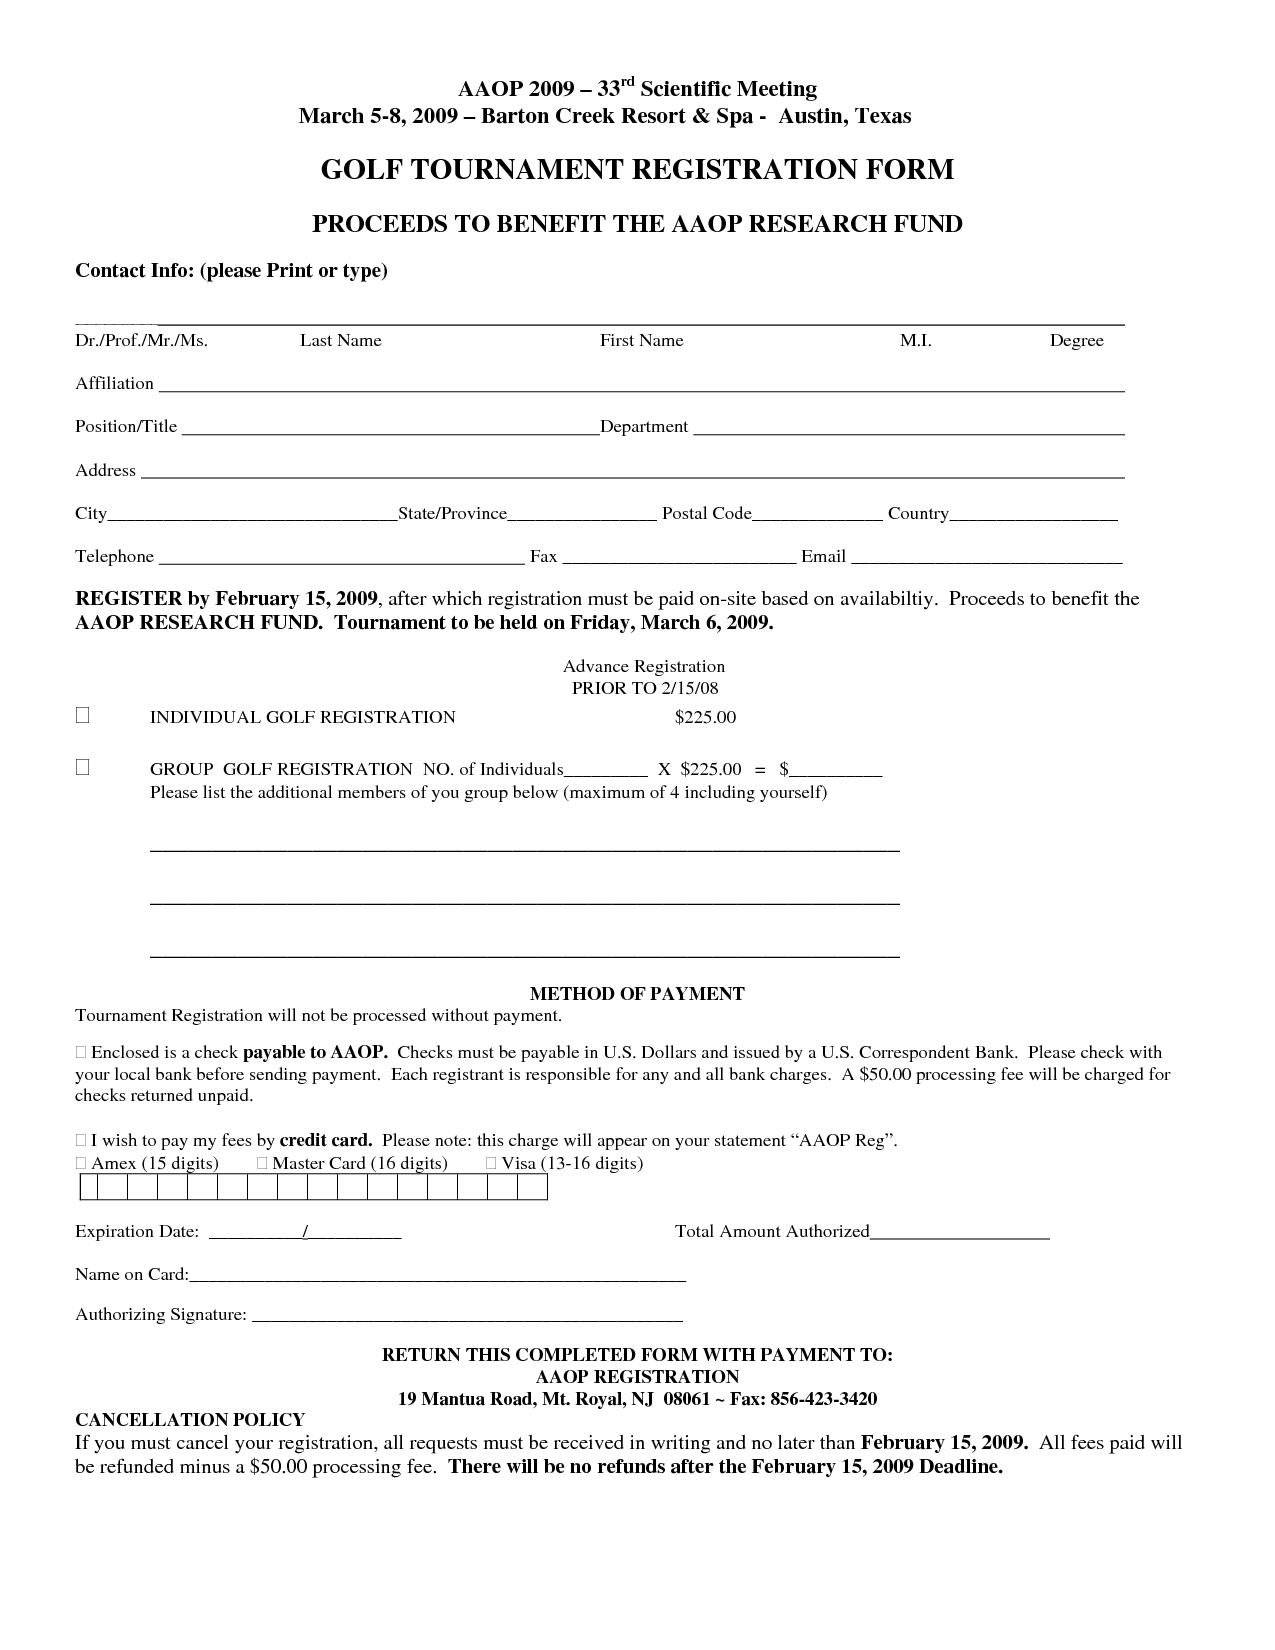 · add items to cart · simple registration form · sponsor image upload · enter golfer. Free Registration Form Template Golf Tournament Registration Template Registration Form Golf Tournament Sponsorship Form Template